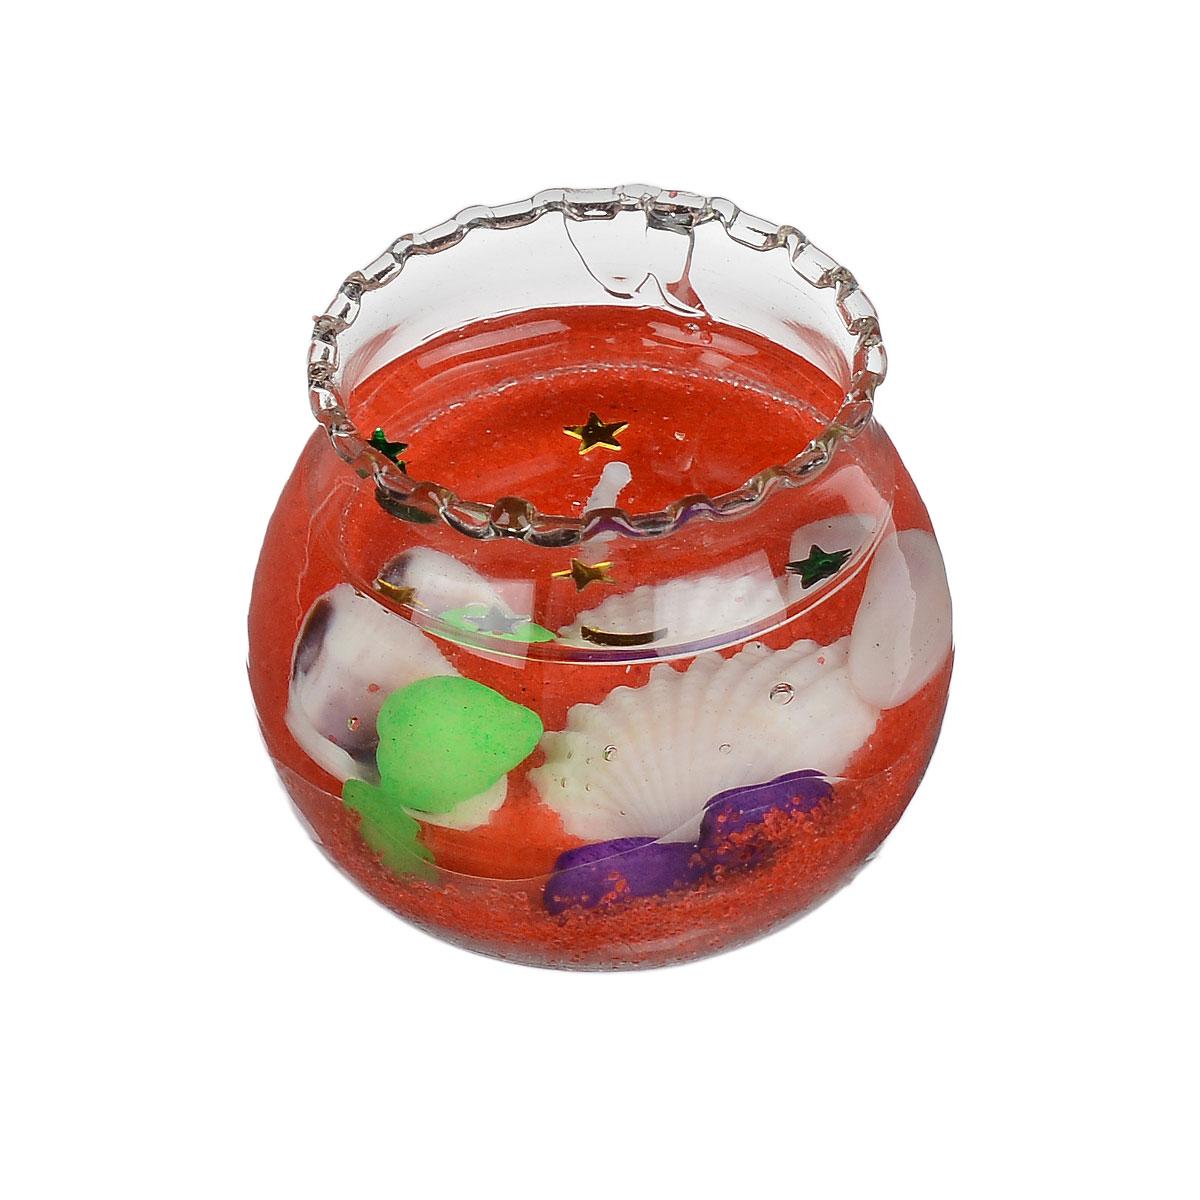 Свеча декоративная Sima-land Вазочка, цвет: красный, высота 3,5 см182348Декоративная свеча Sima-land Вазочка изготовлена из геля и расположена в небольшой стеклянной емкости, которая наполнена цветным песком и ракушками. Изделие порадует вас своим дизайном. Такая свеча может стать отличным подарком или дополнить интерьер вашей комнаты.